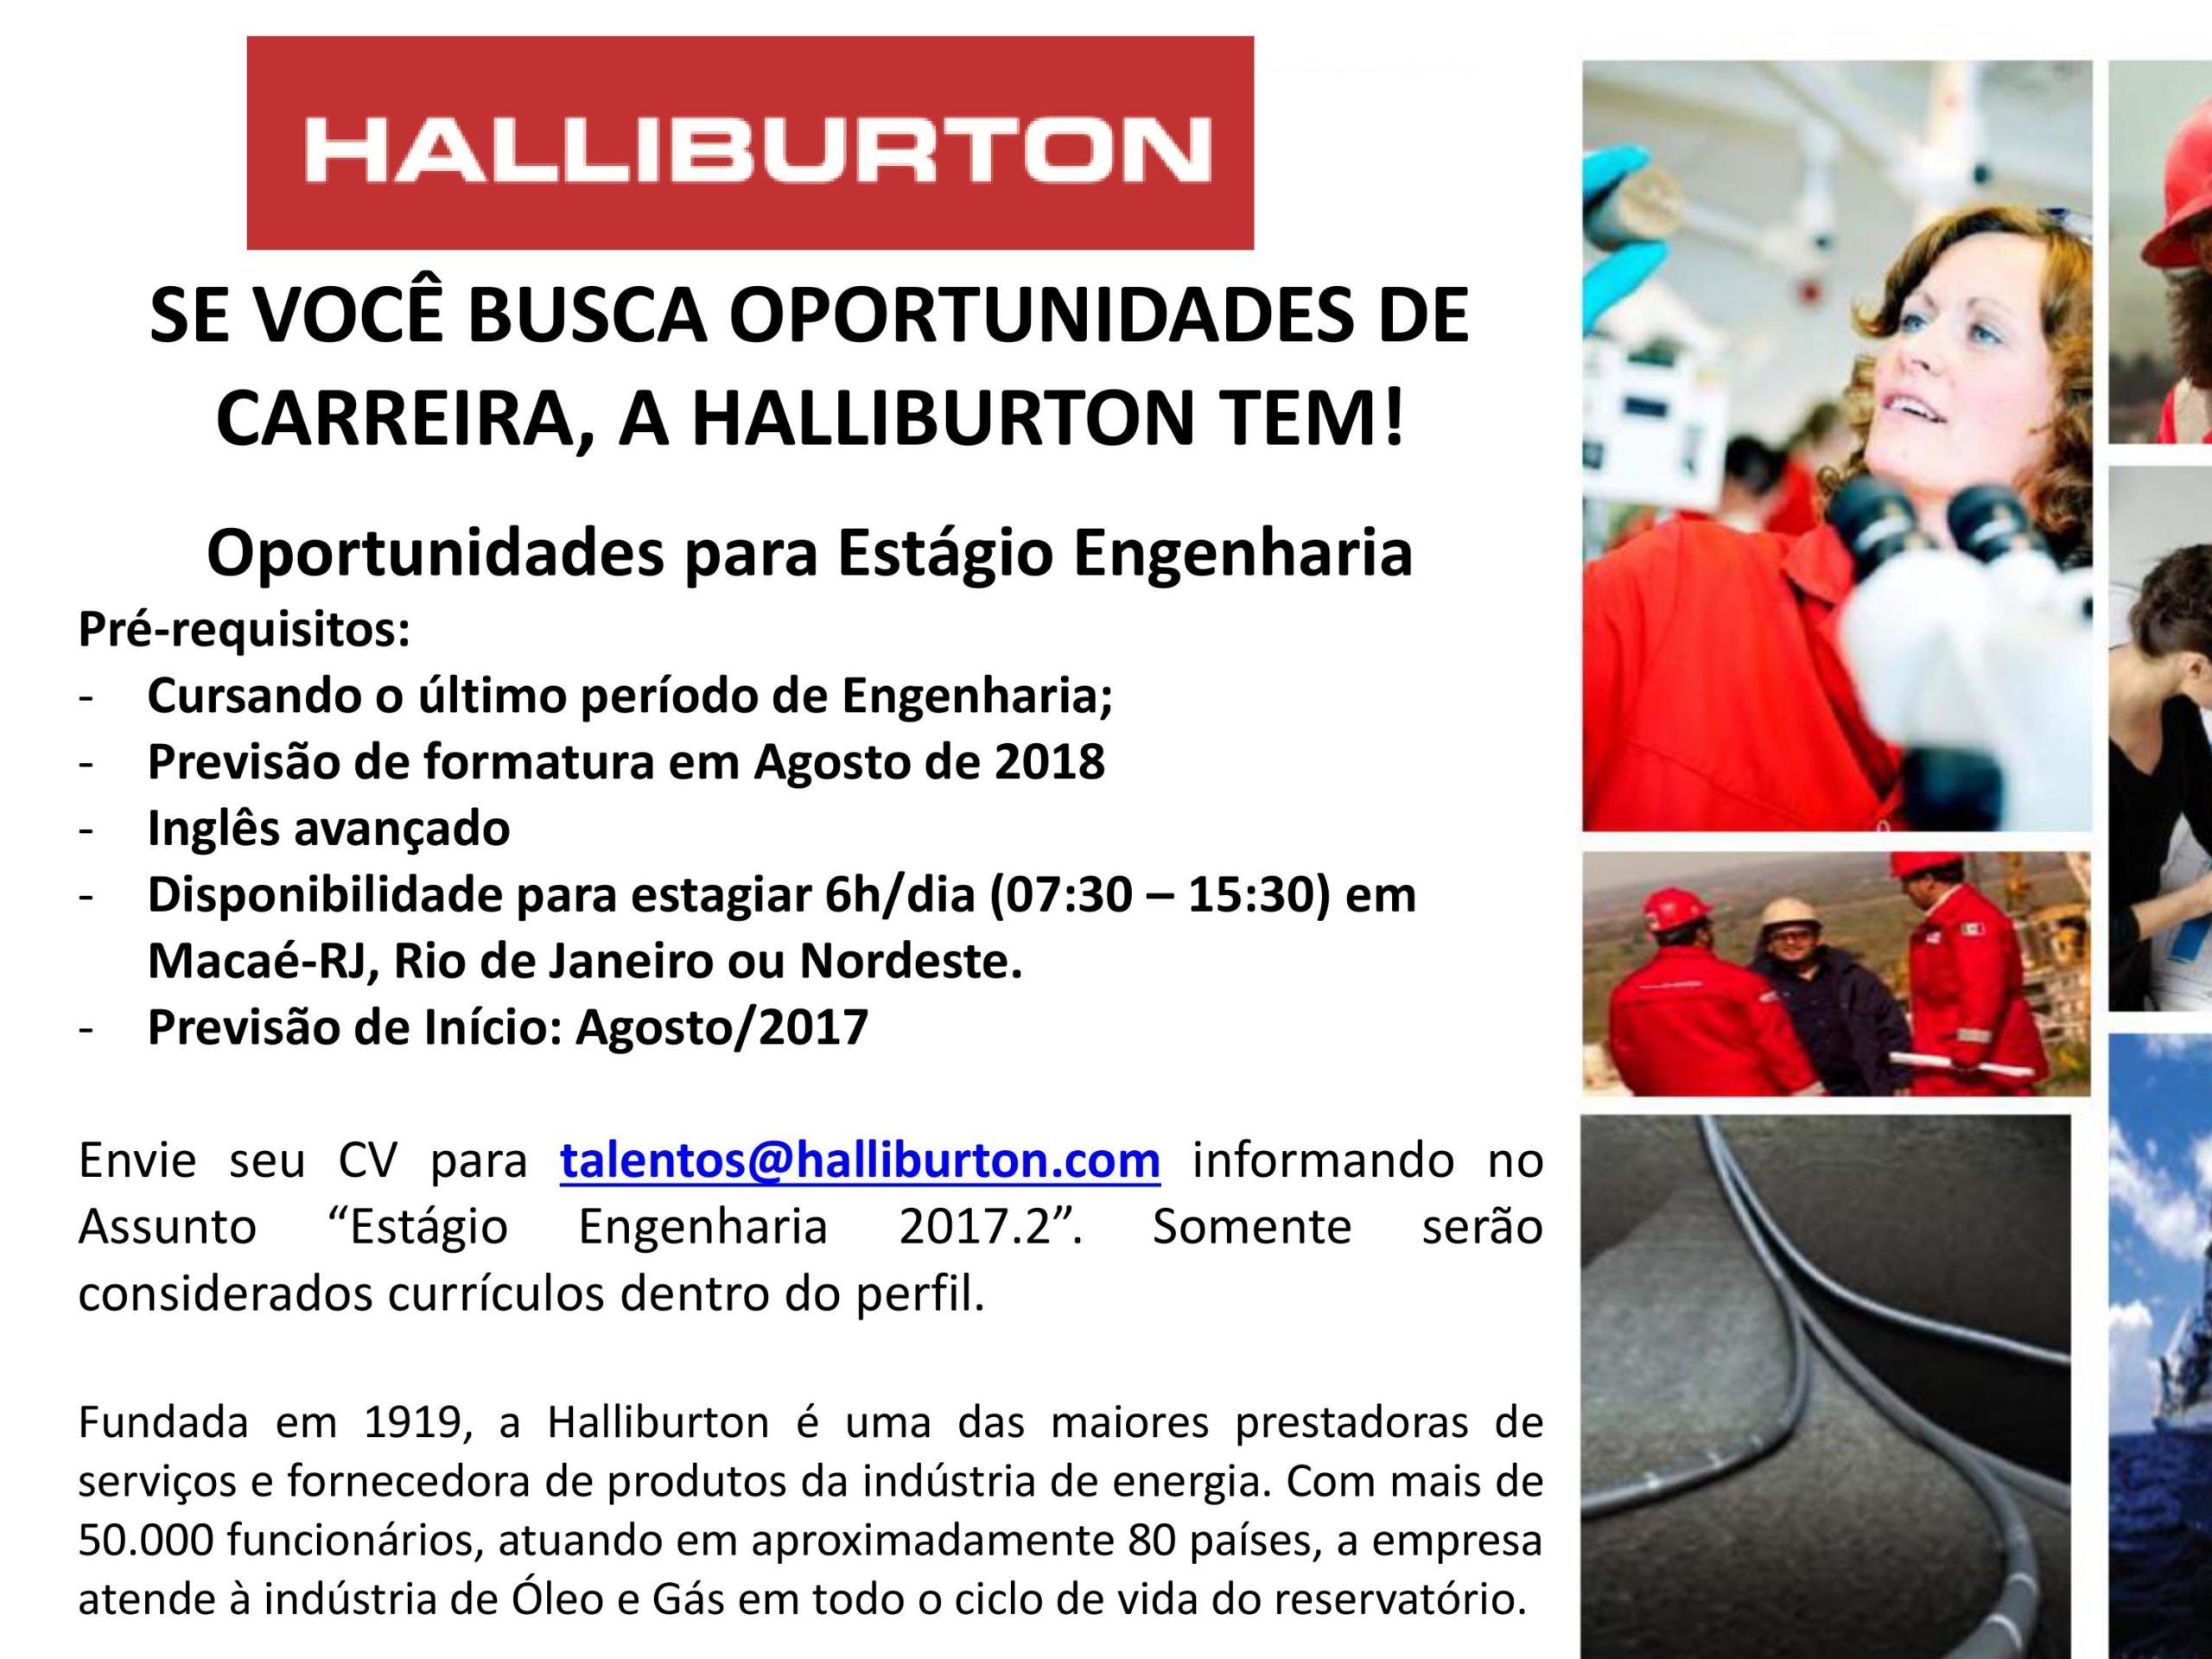 ESTAGIO HALLIBURTON